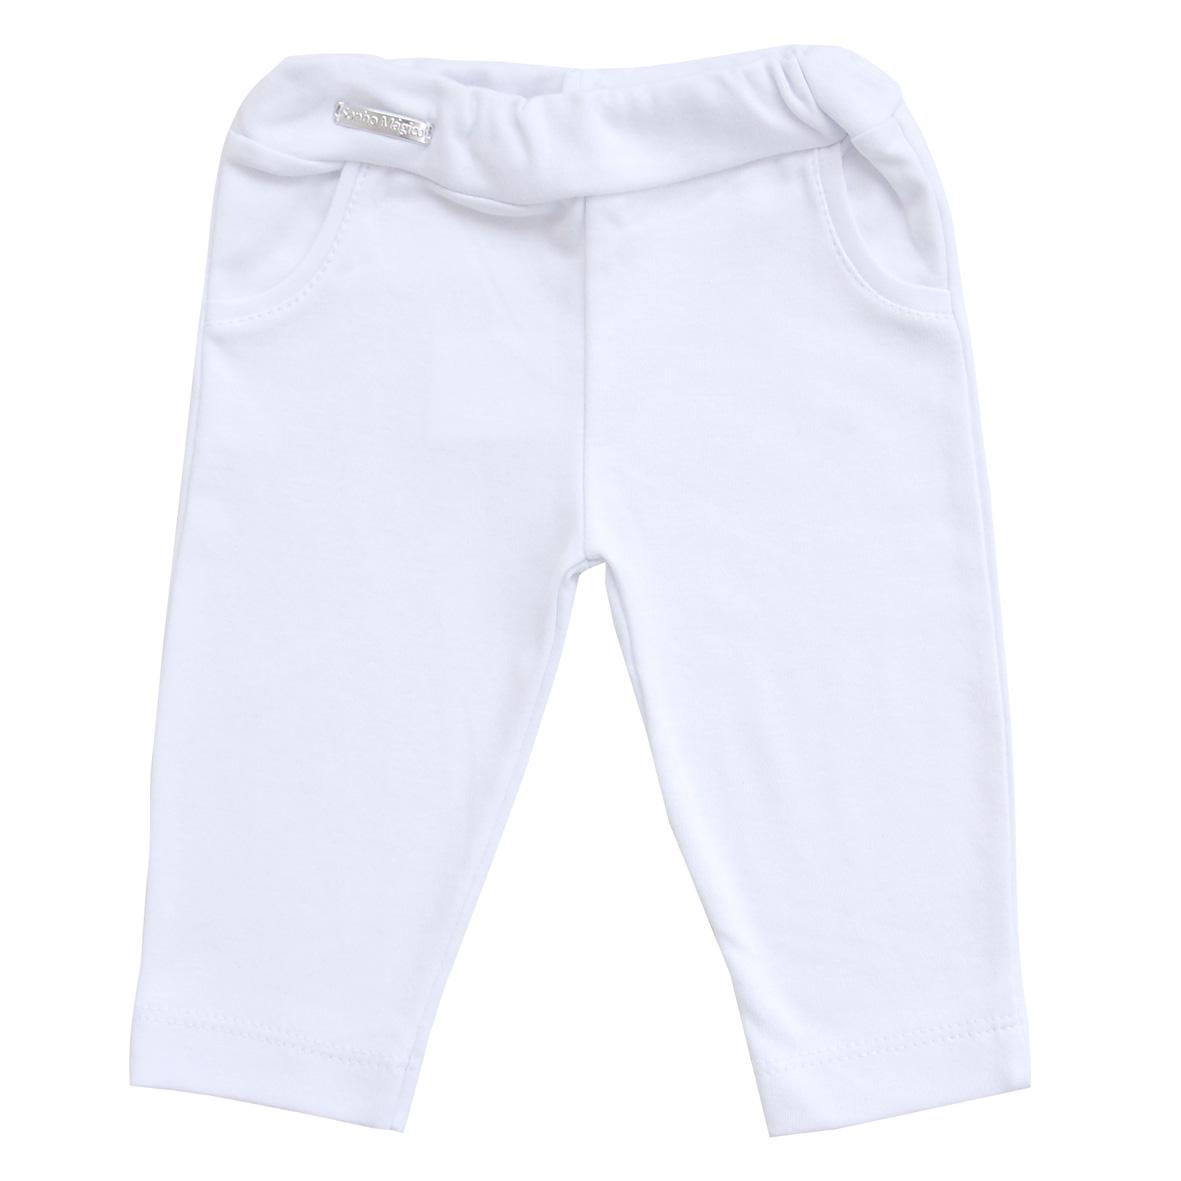 Calça Suedine Retro Kit com 2 Branco e Marinho | SONHO MAGICO